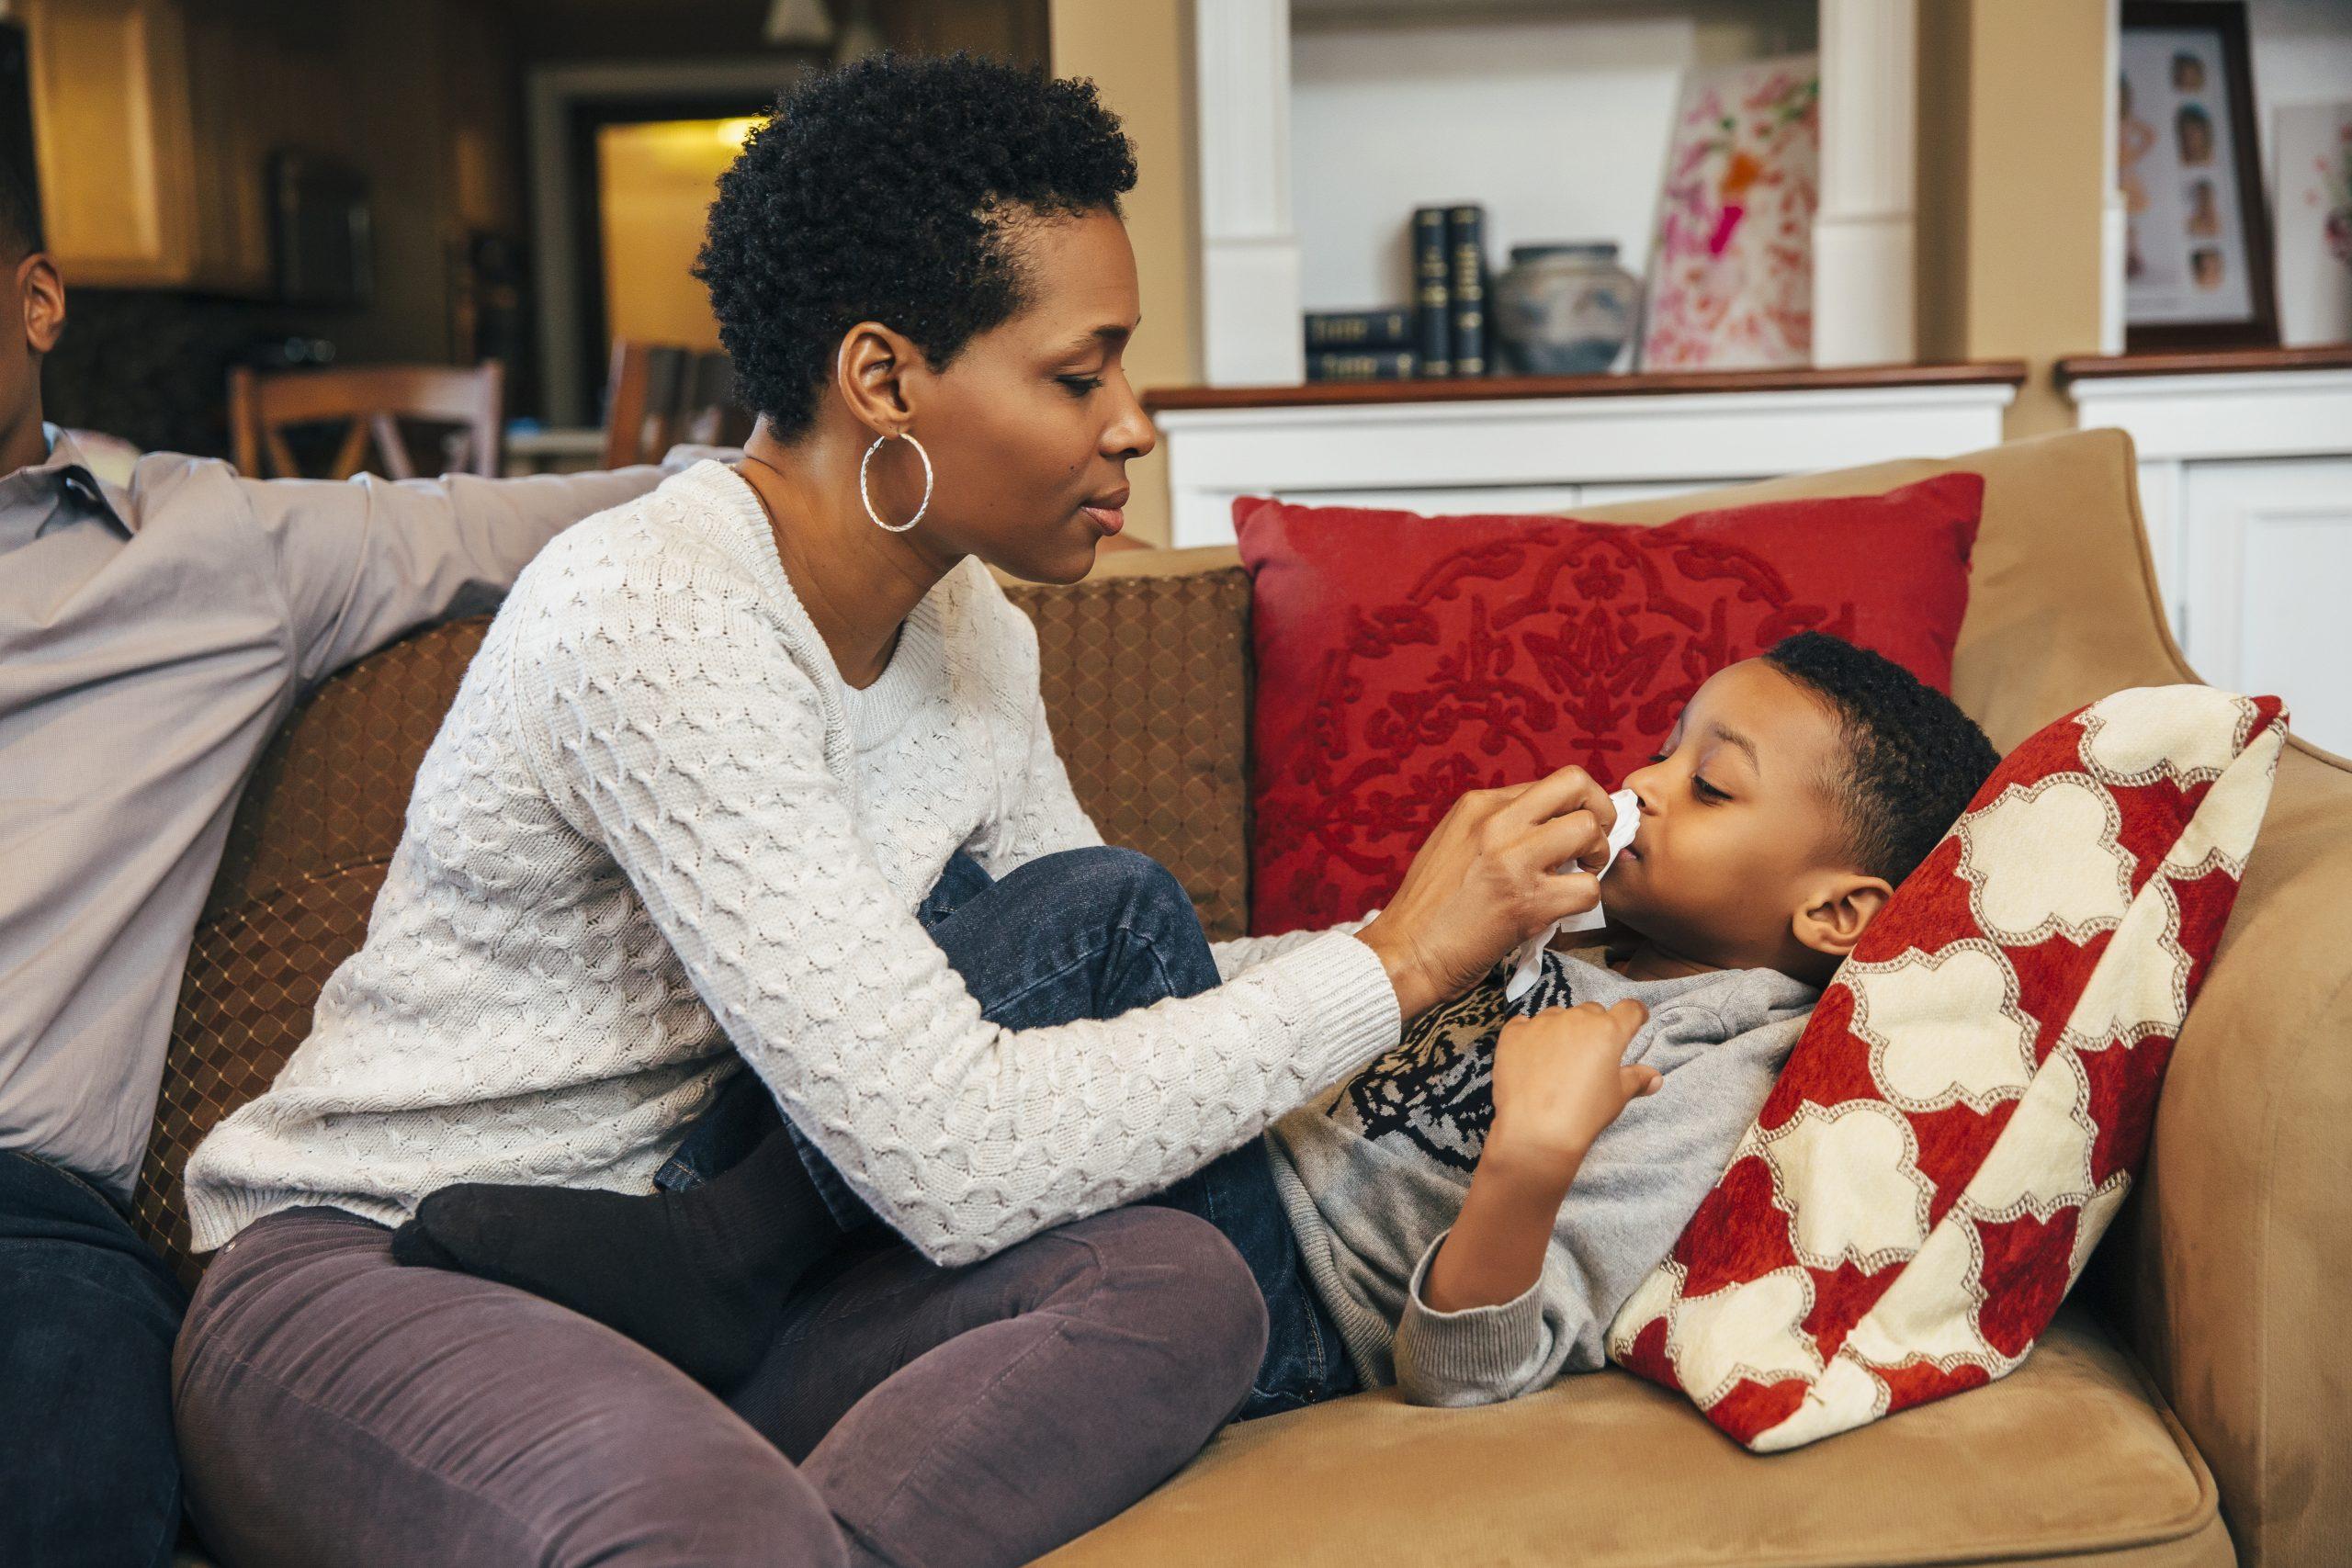 Une femme essuie le nez de son fils sur le canapé alors qu'il reste à la maison avec un rhume au lieu d'aller à l'école.